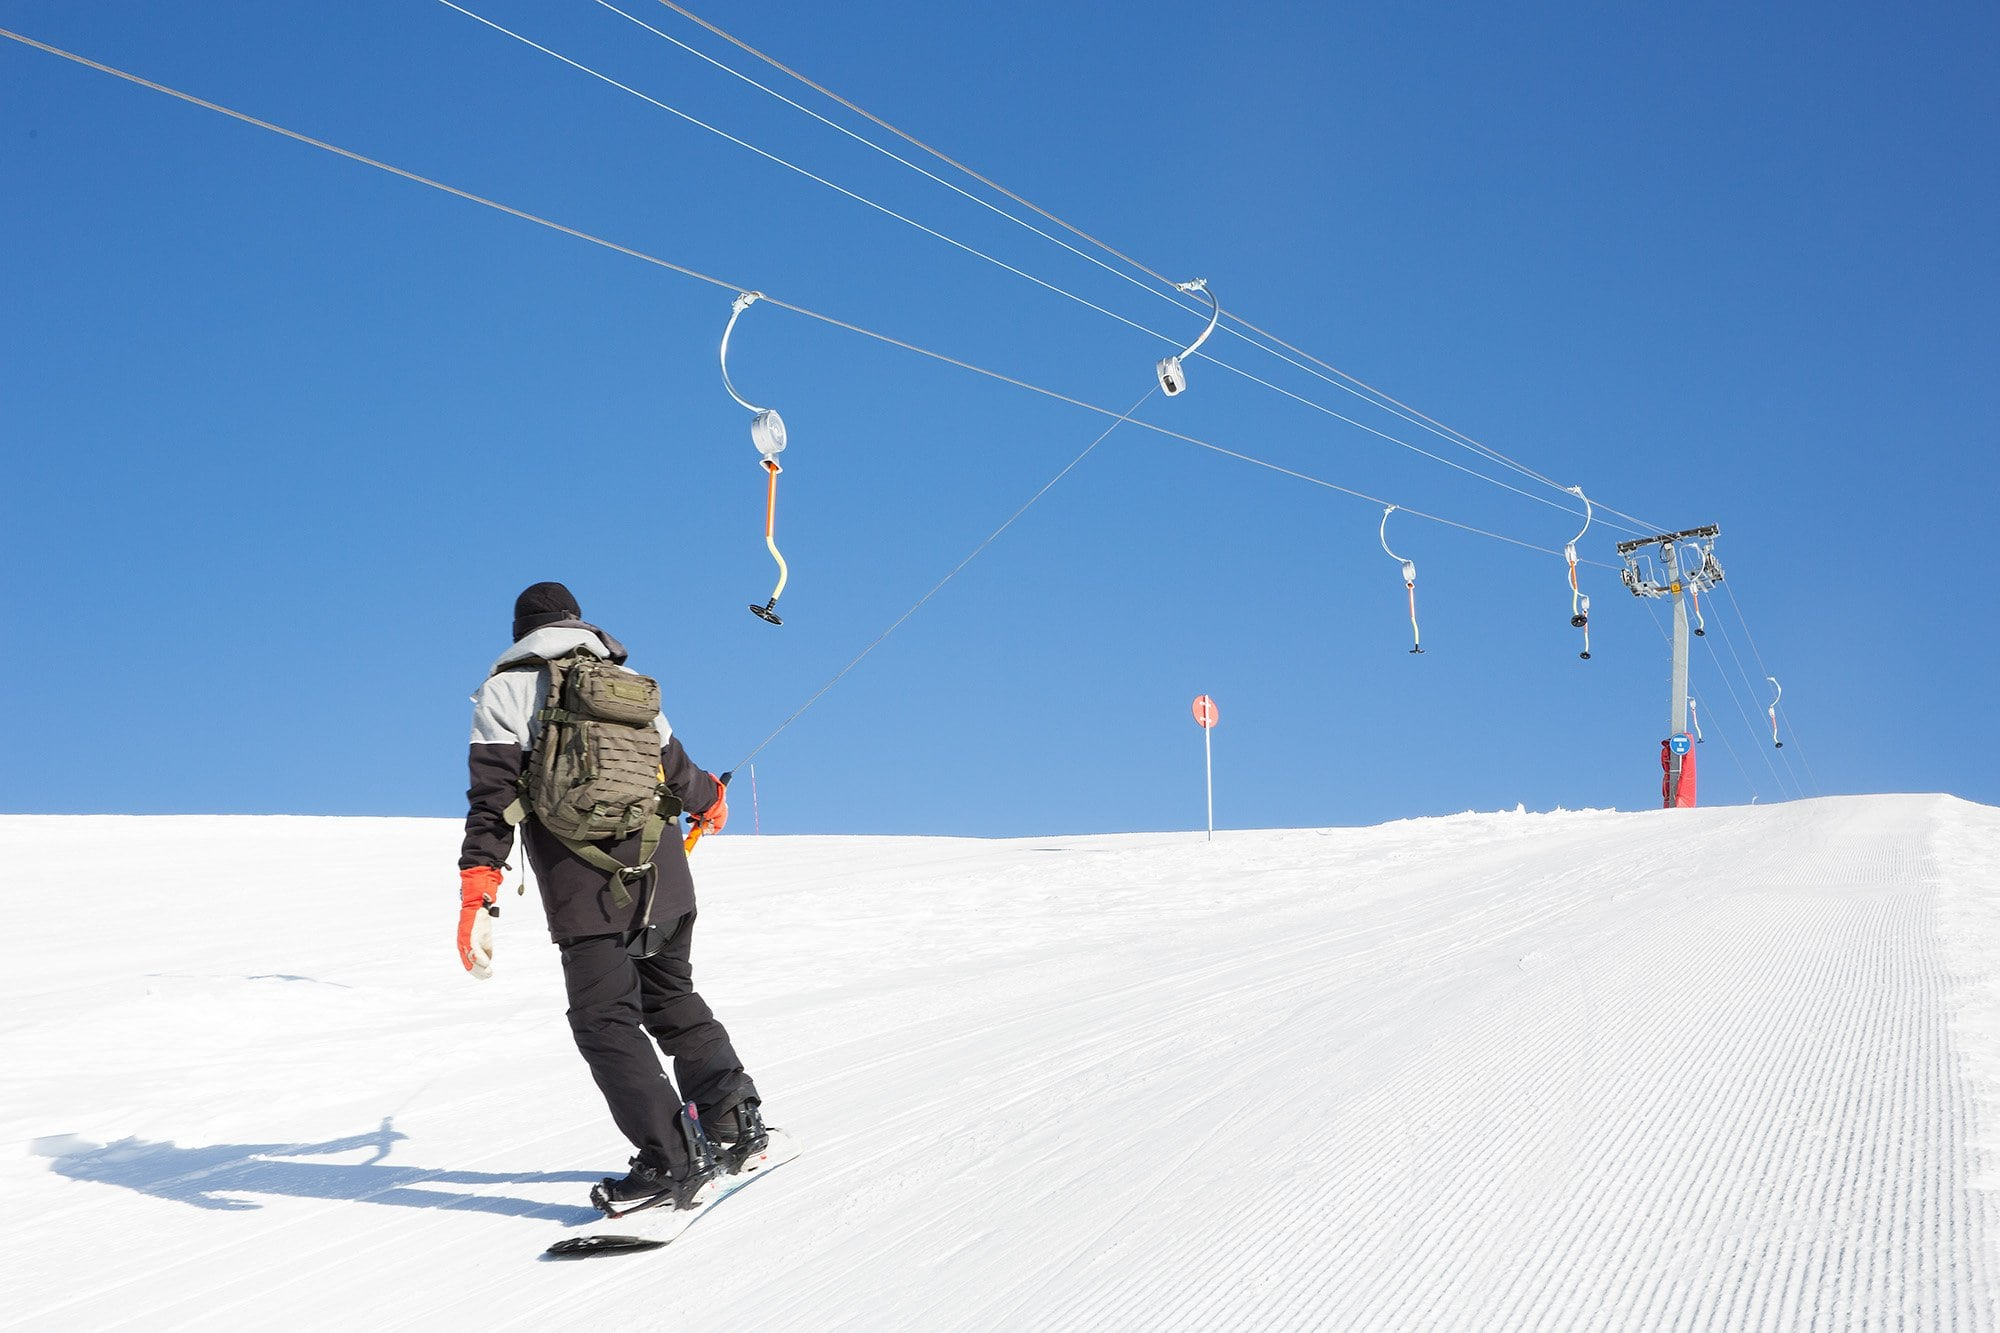 snowboarder sur une remontée mécanique